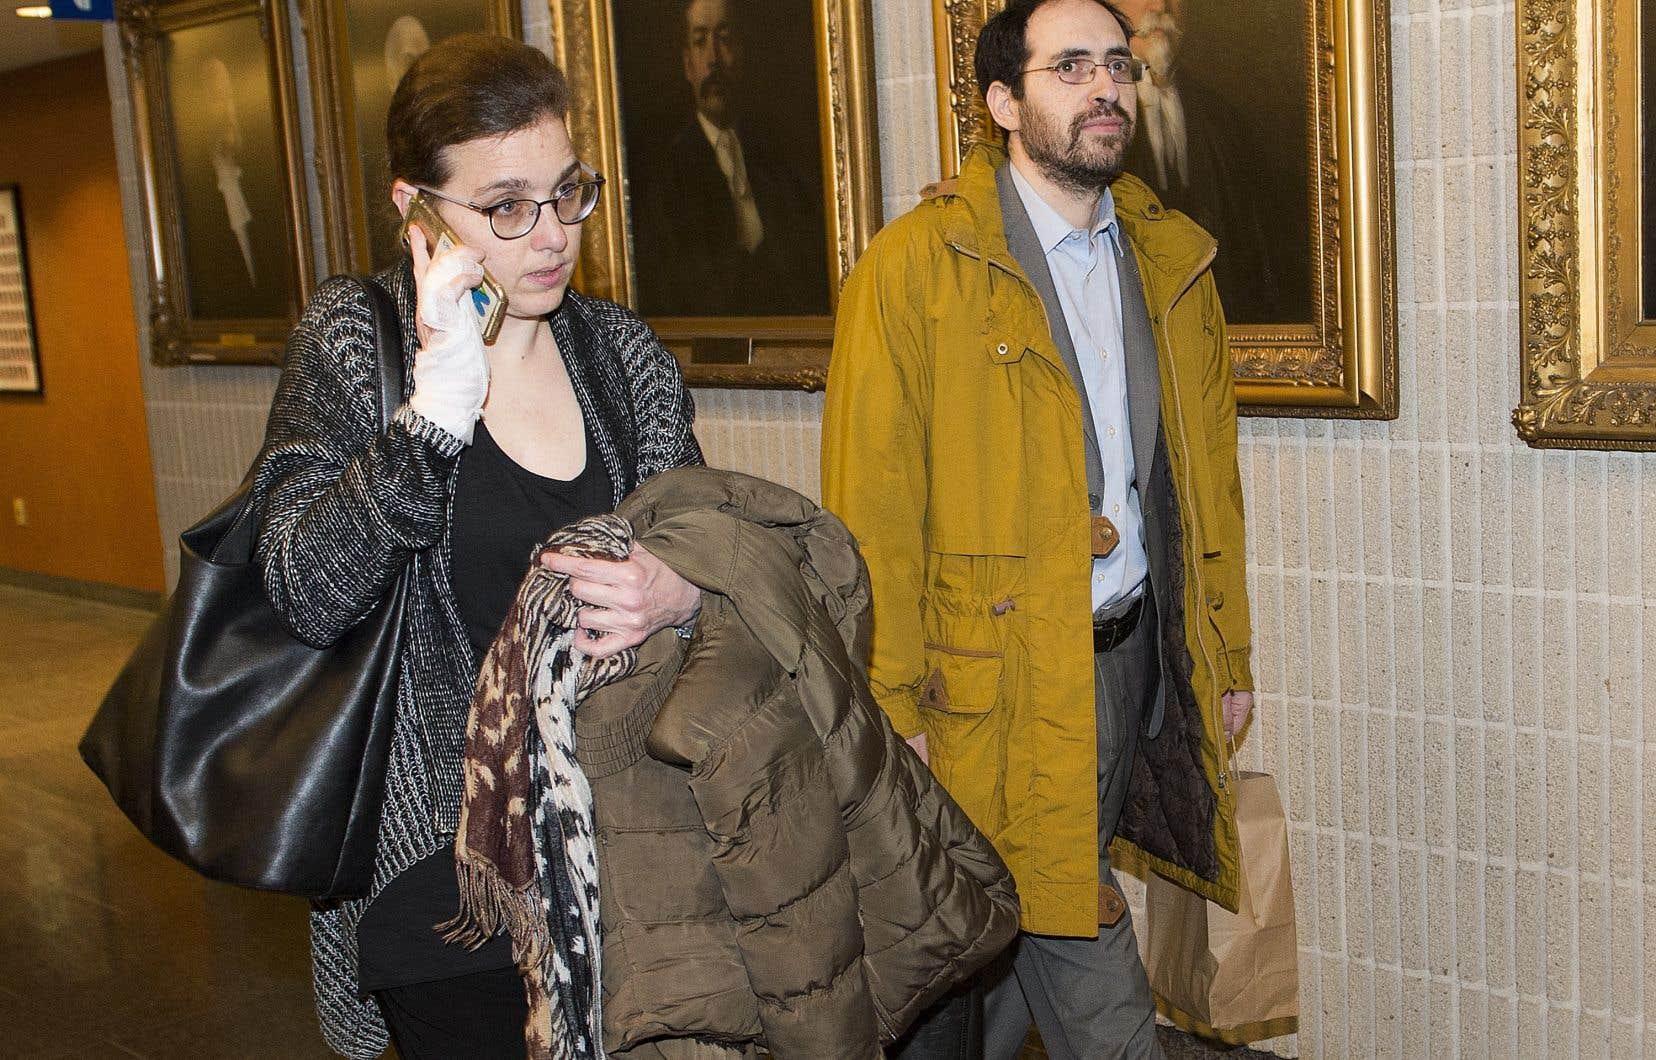 Le couple Lowen-Wasserstein demande un jugement déclaratoire affirmant que le gouvernement du Québec et les écoles hassidiques violent les droits des enfants en matière d'instruction.